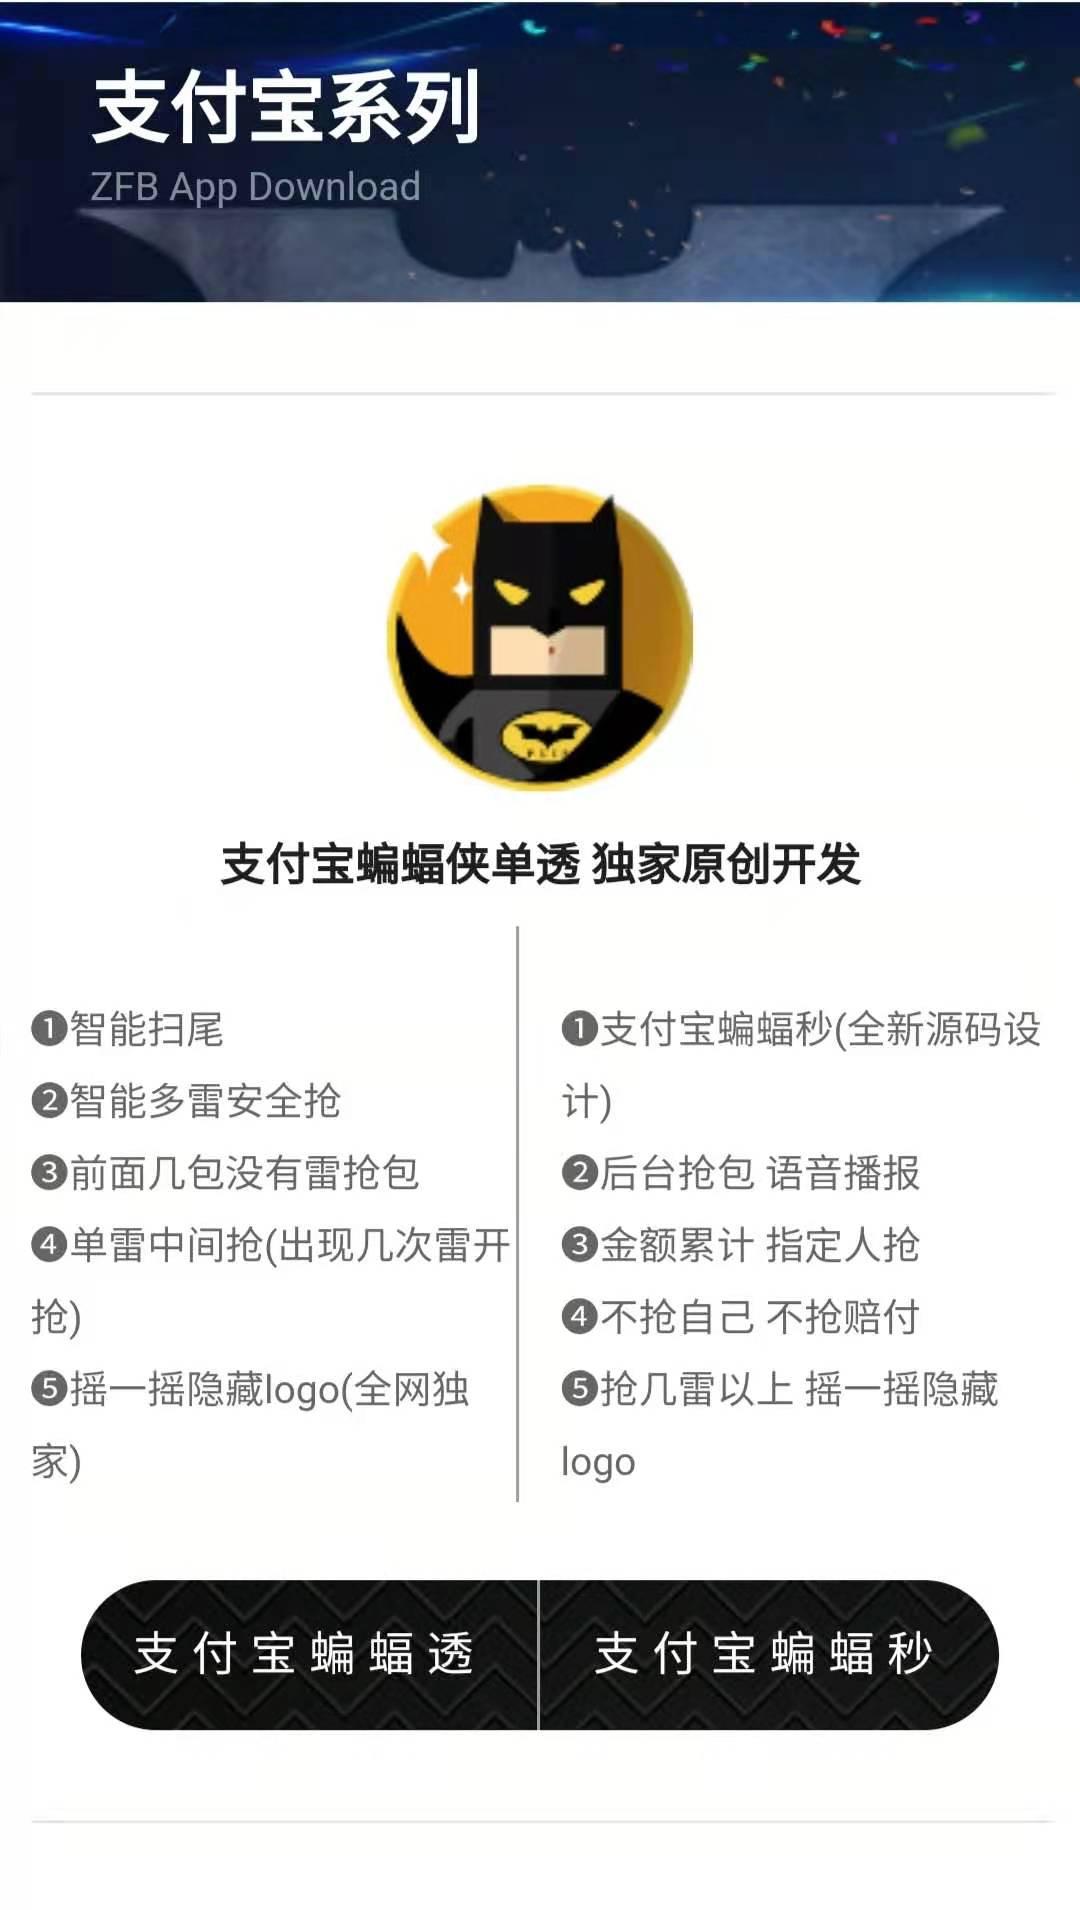 【支付宝蝙蝠侠单透天卡】苹果版